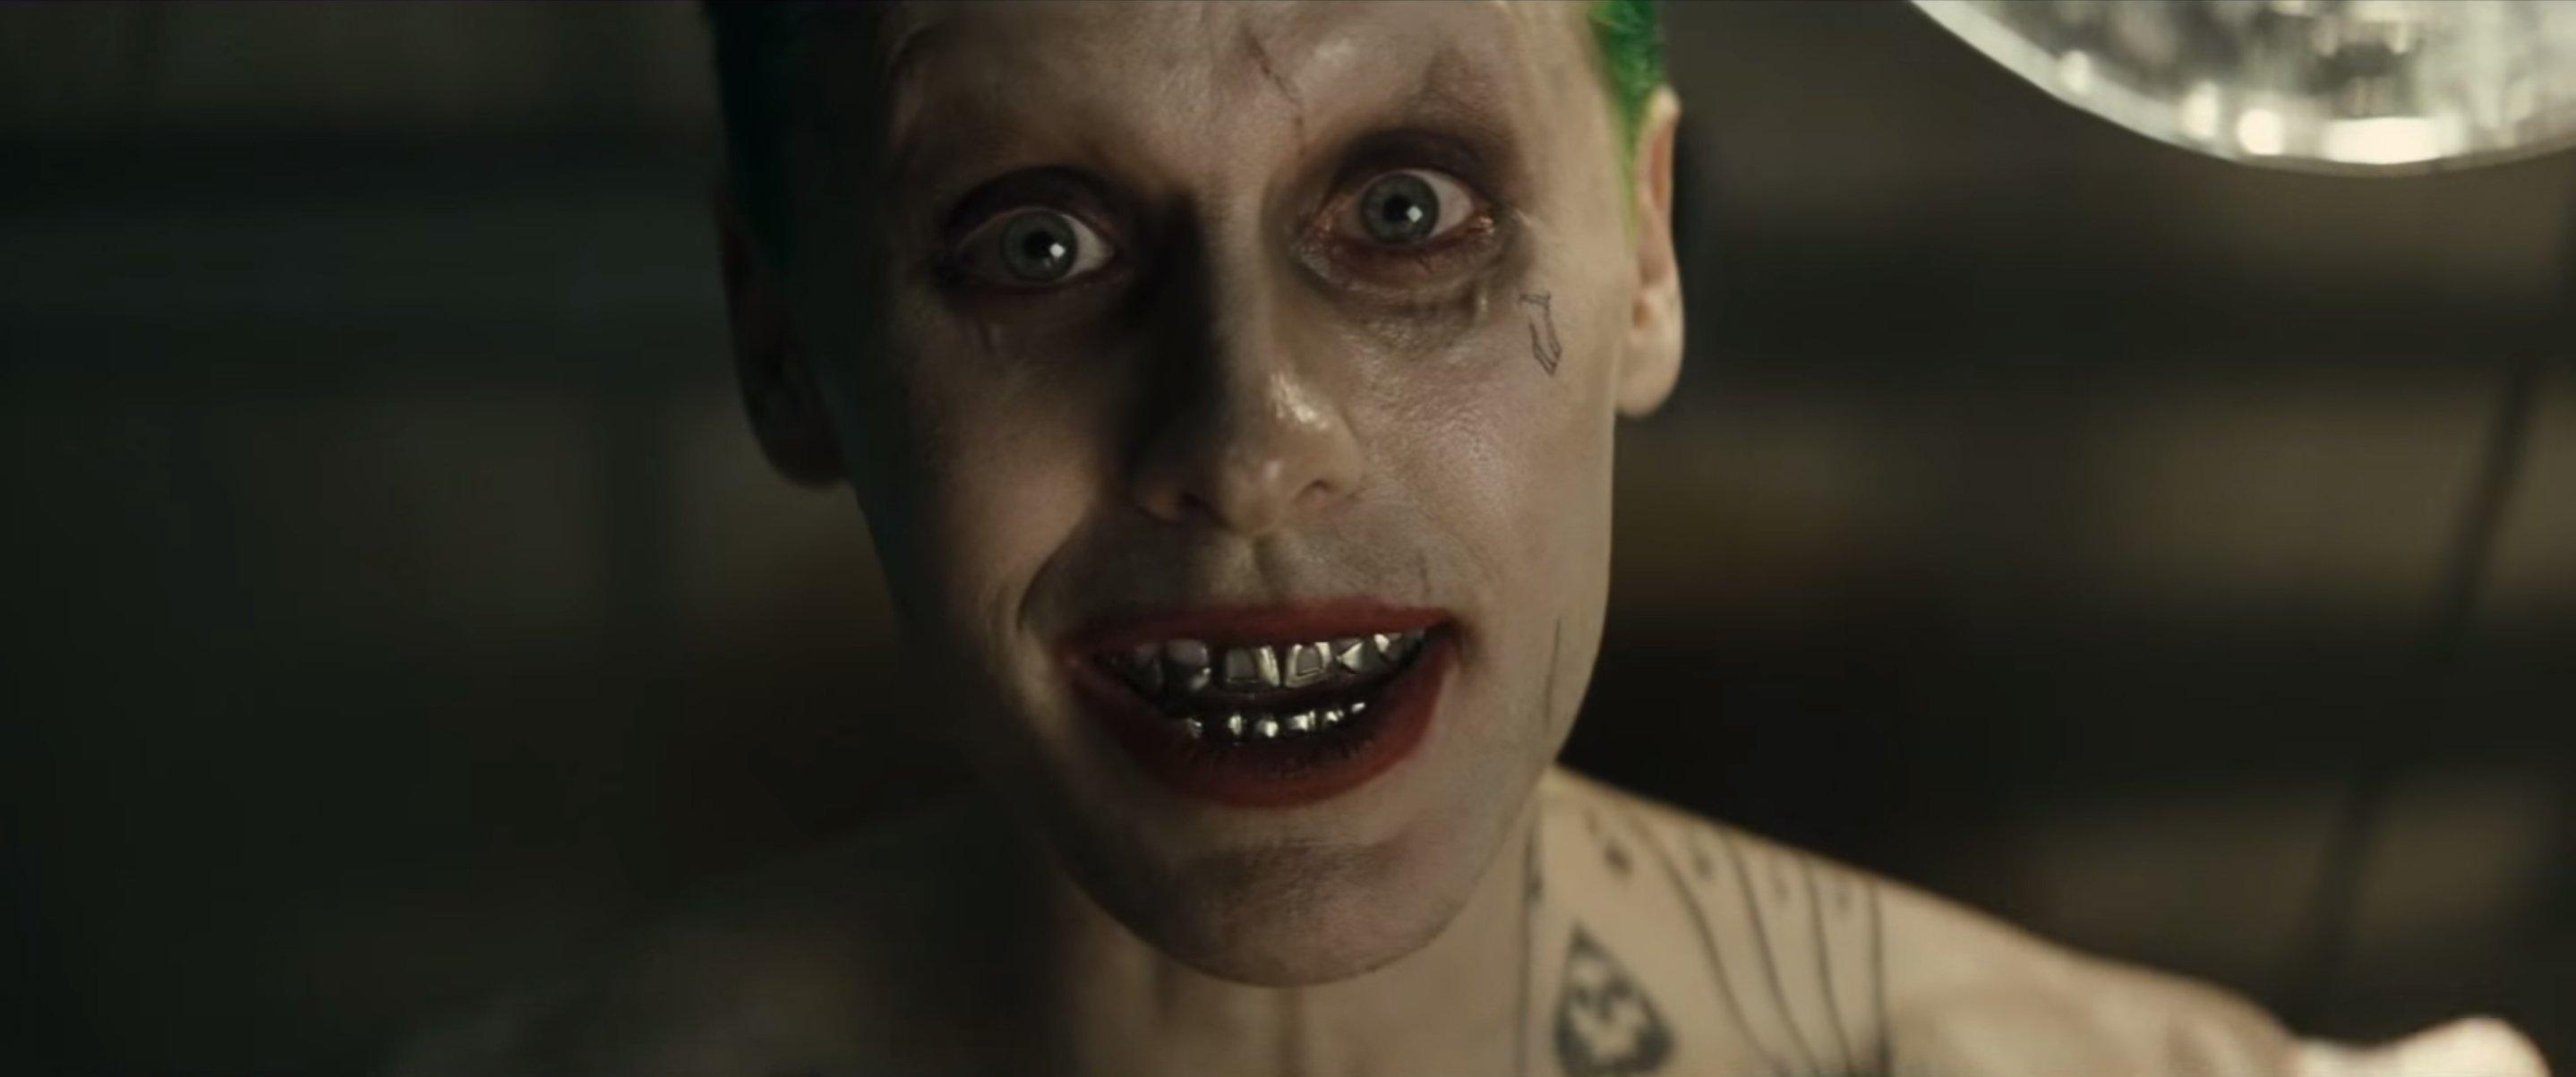 Photo de Jared Leto en Joker pour Suicide Squad réalisé par David Ayer